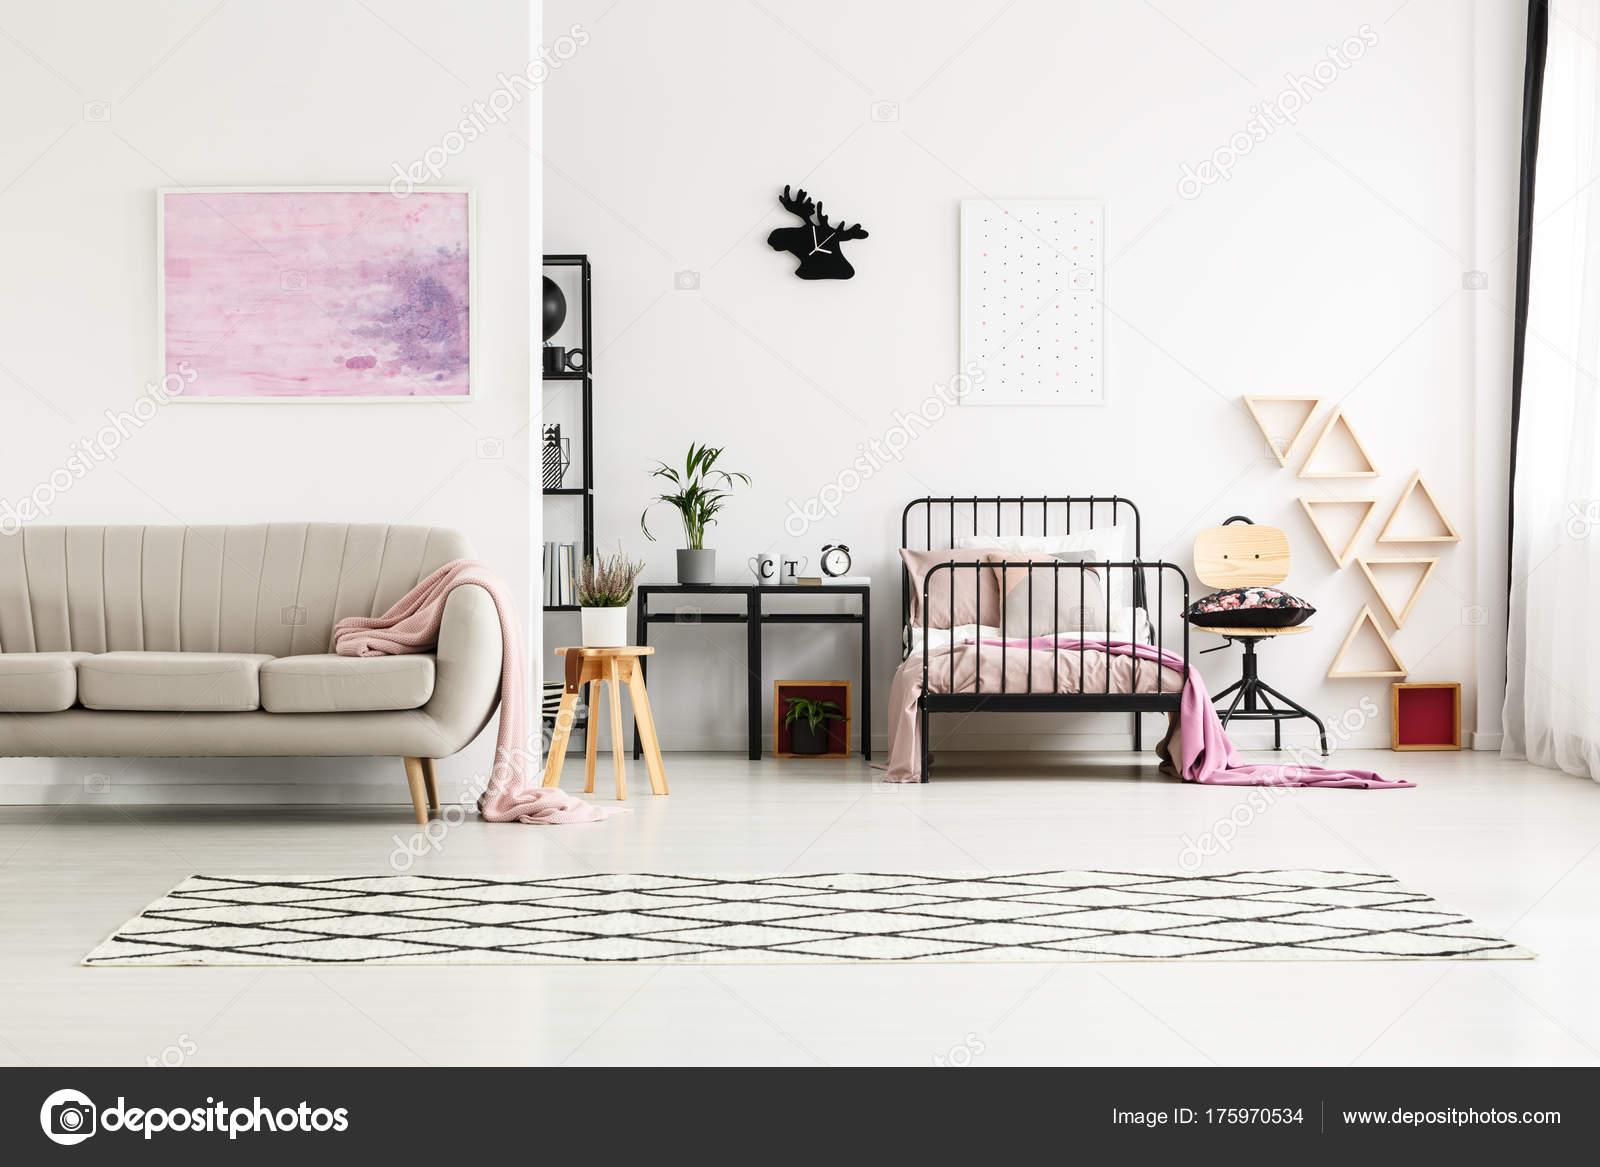 Schilderij in multifunctionele girl s slaapkamer u stockfoto